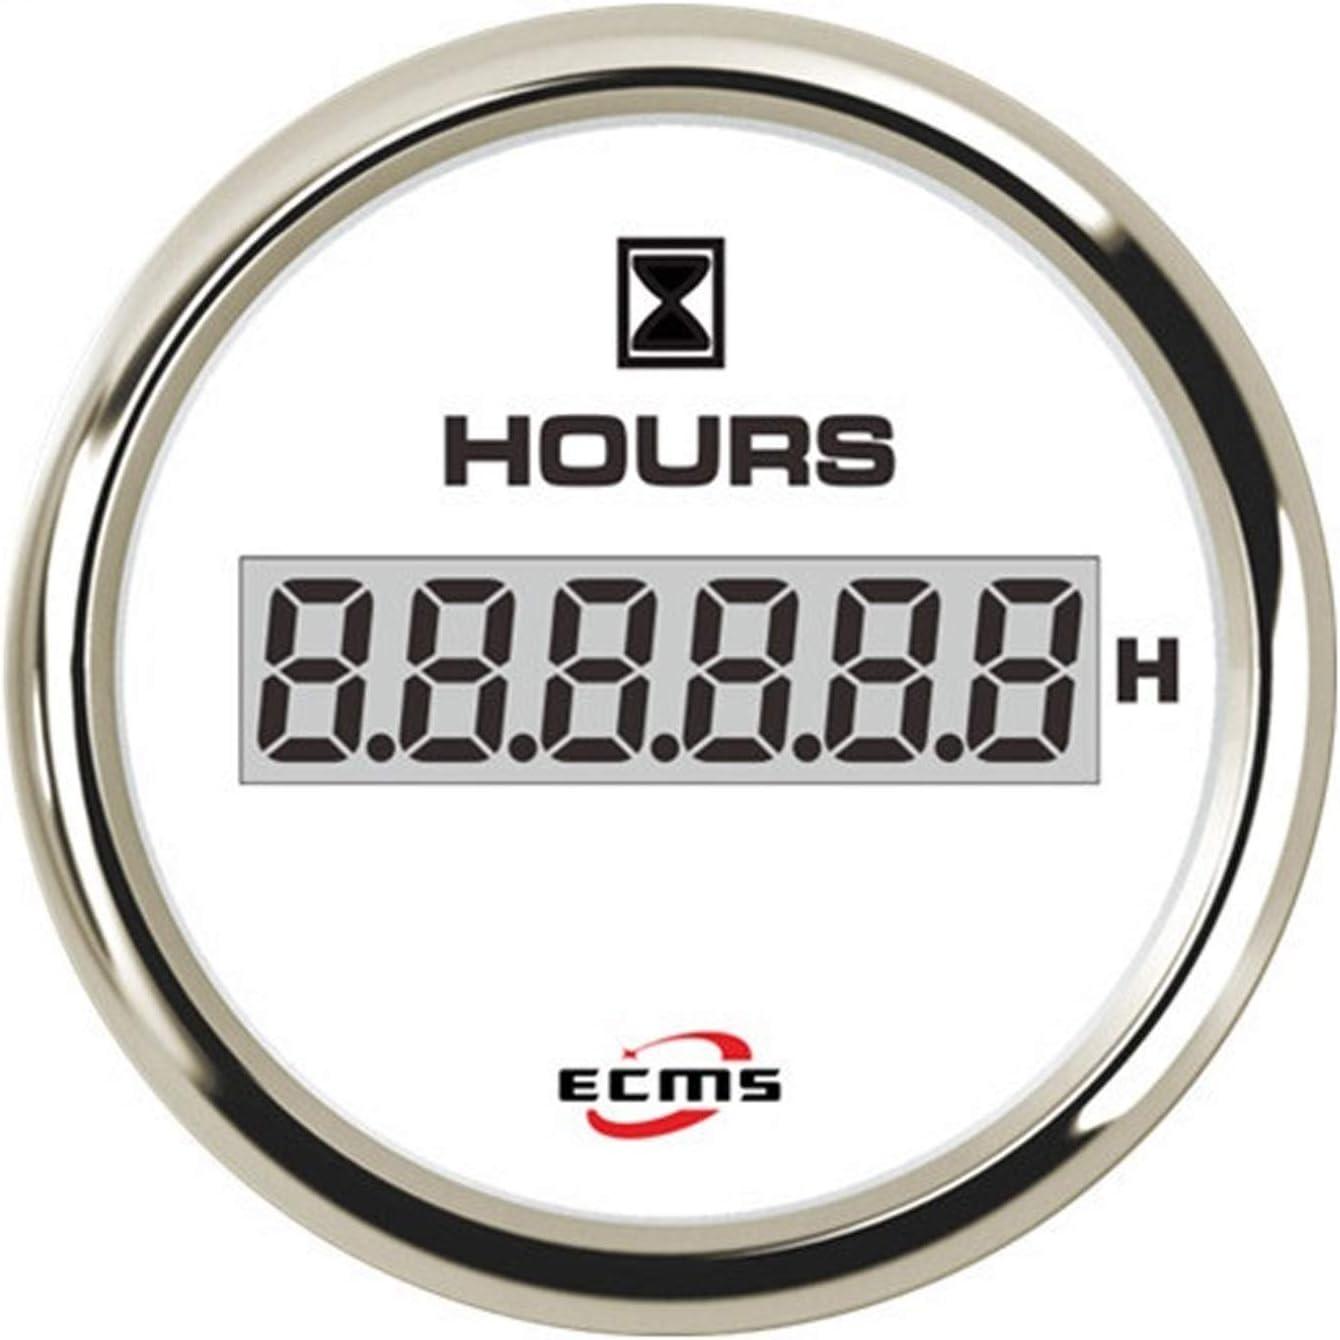 Electronic measuring equipment 52mm Engine Generator Hour Meter Gauge12V 24V With Backlight Mutiple Backlight